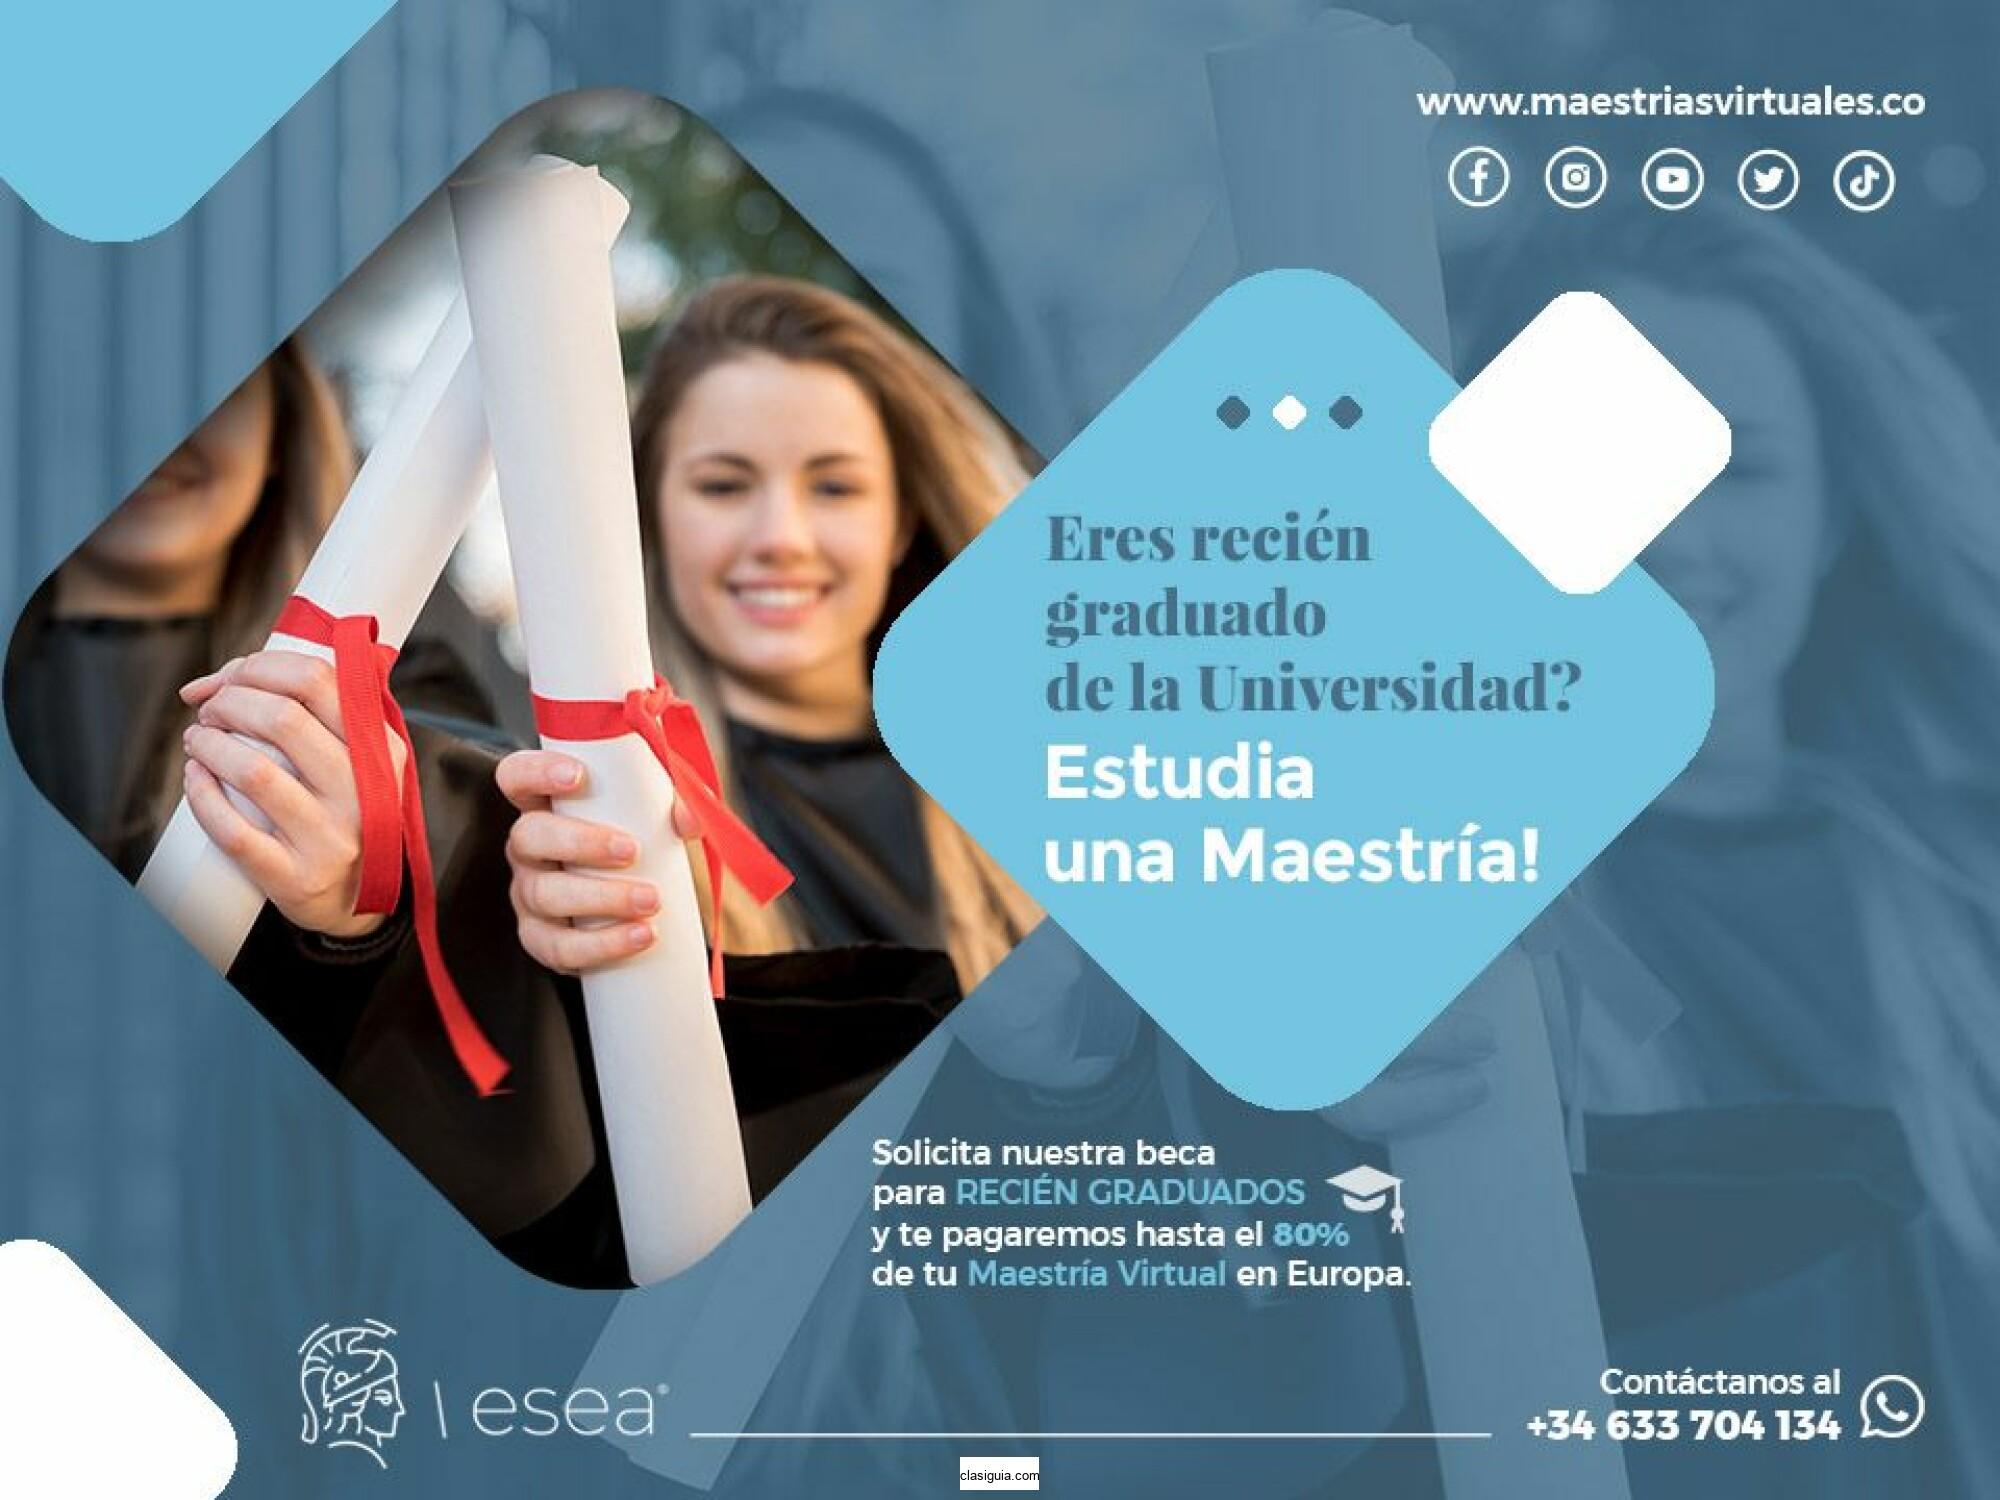 Buscamos Profesionales Recién Graduados de la Universidad